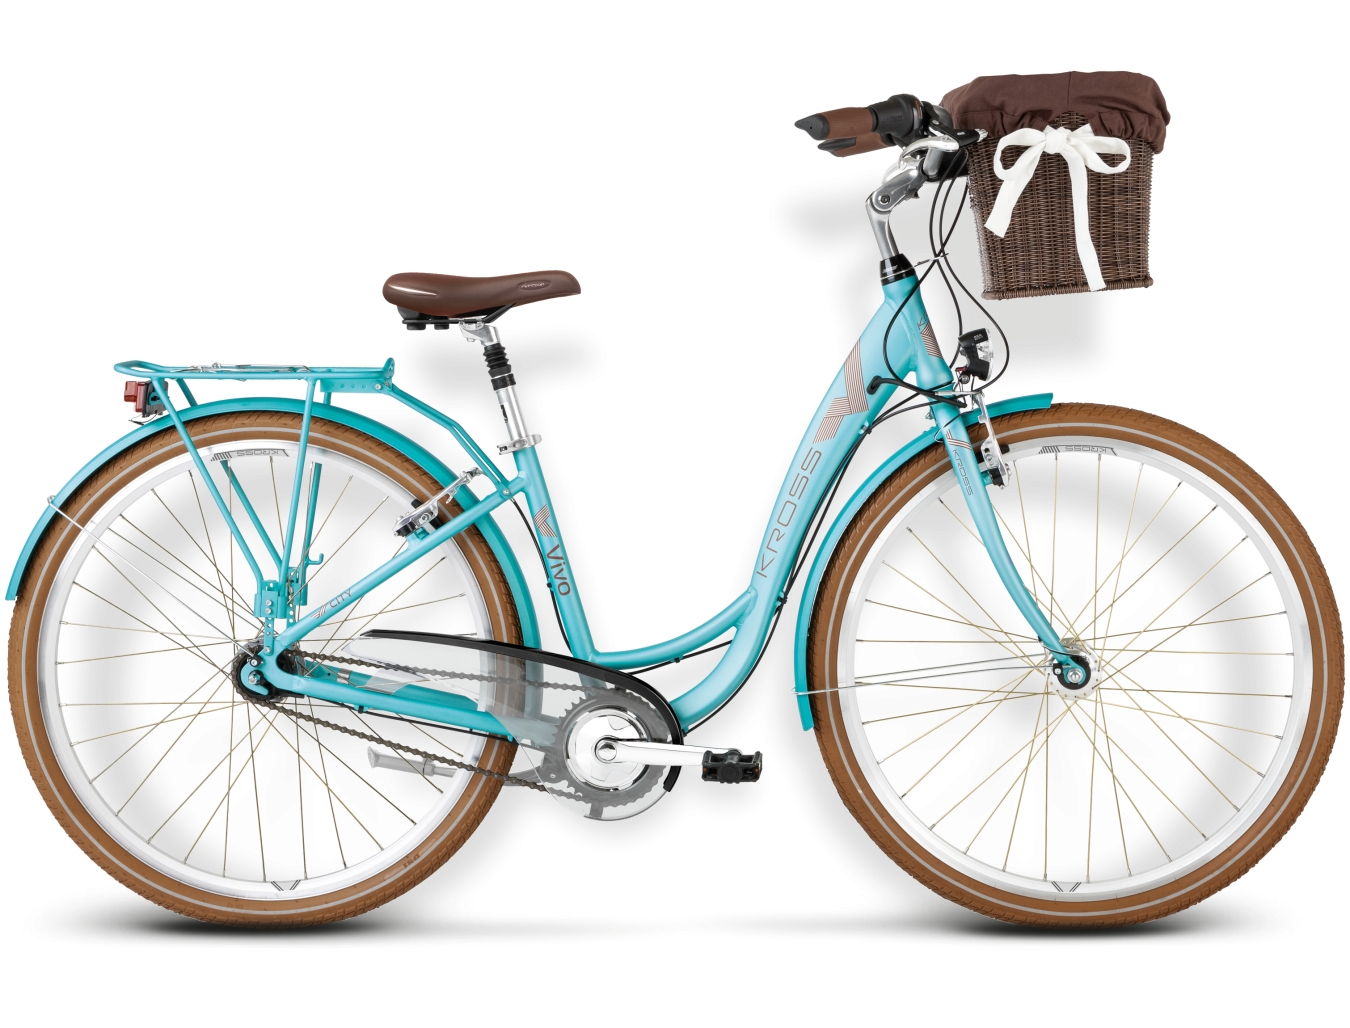 Bike Vivo Bikes Urban City Kross